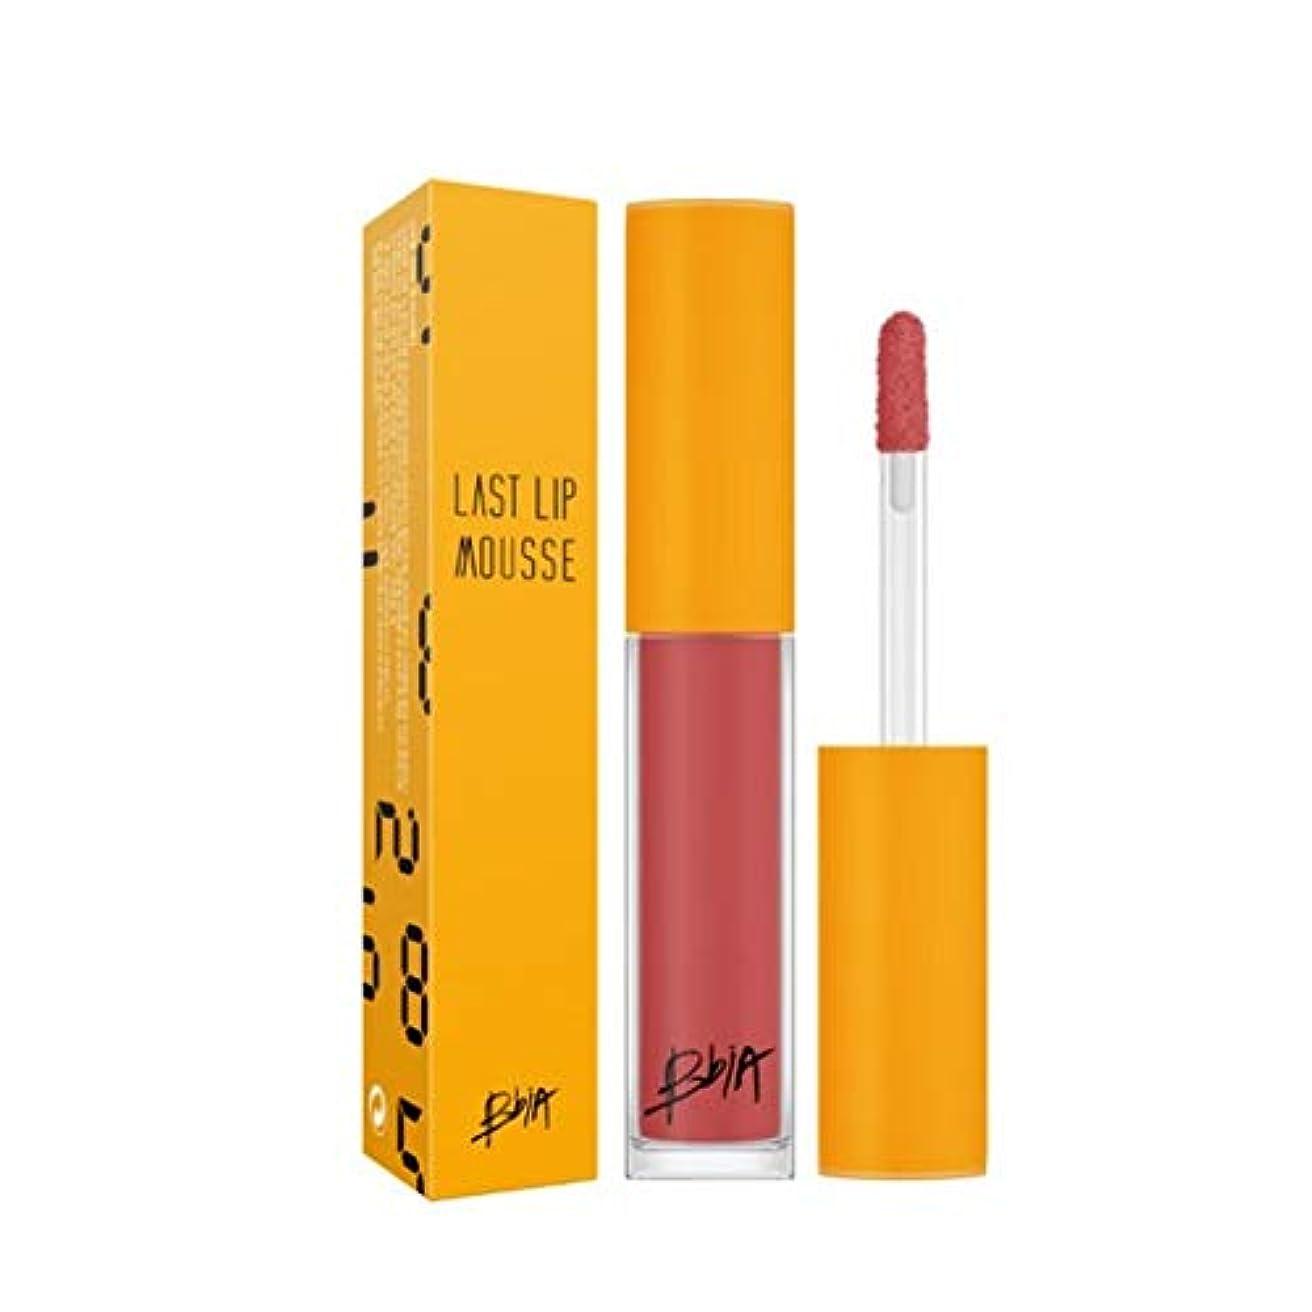 高齢者日モスピアラストリップムース 5カラー韓国コスメ、Bbia Last Lip Mousse 5 Colors Korean Cosmetics [並行輸入品] (1004 rose)